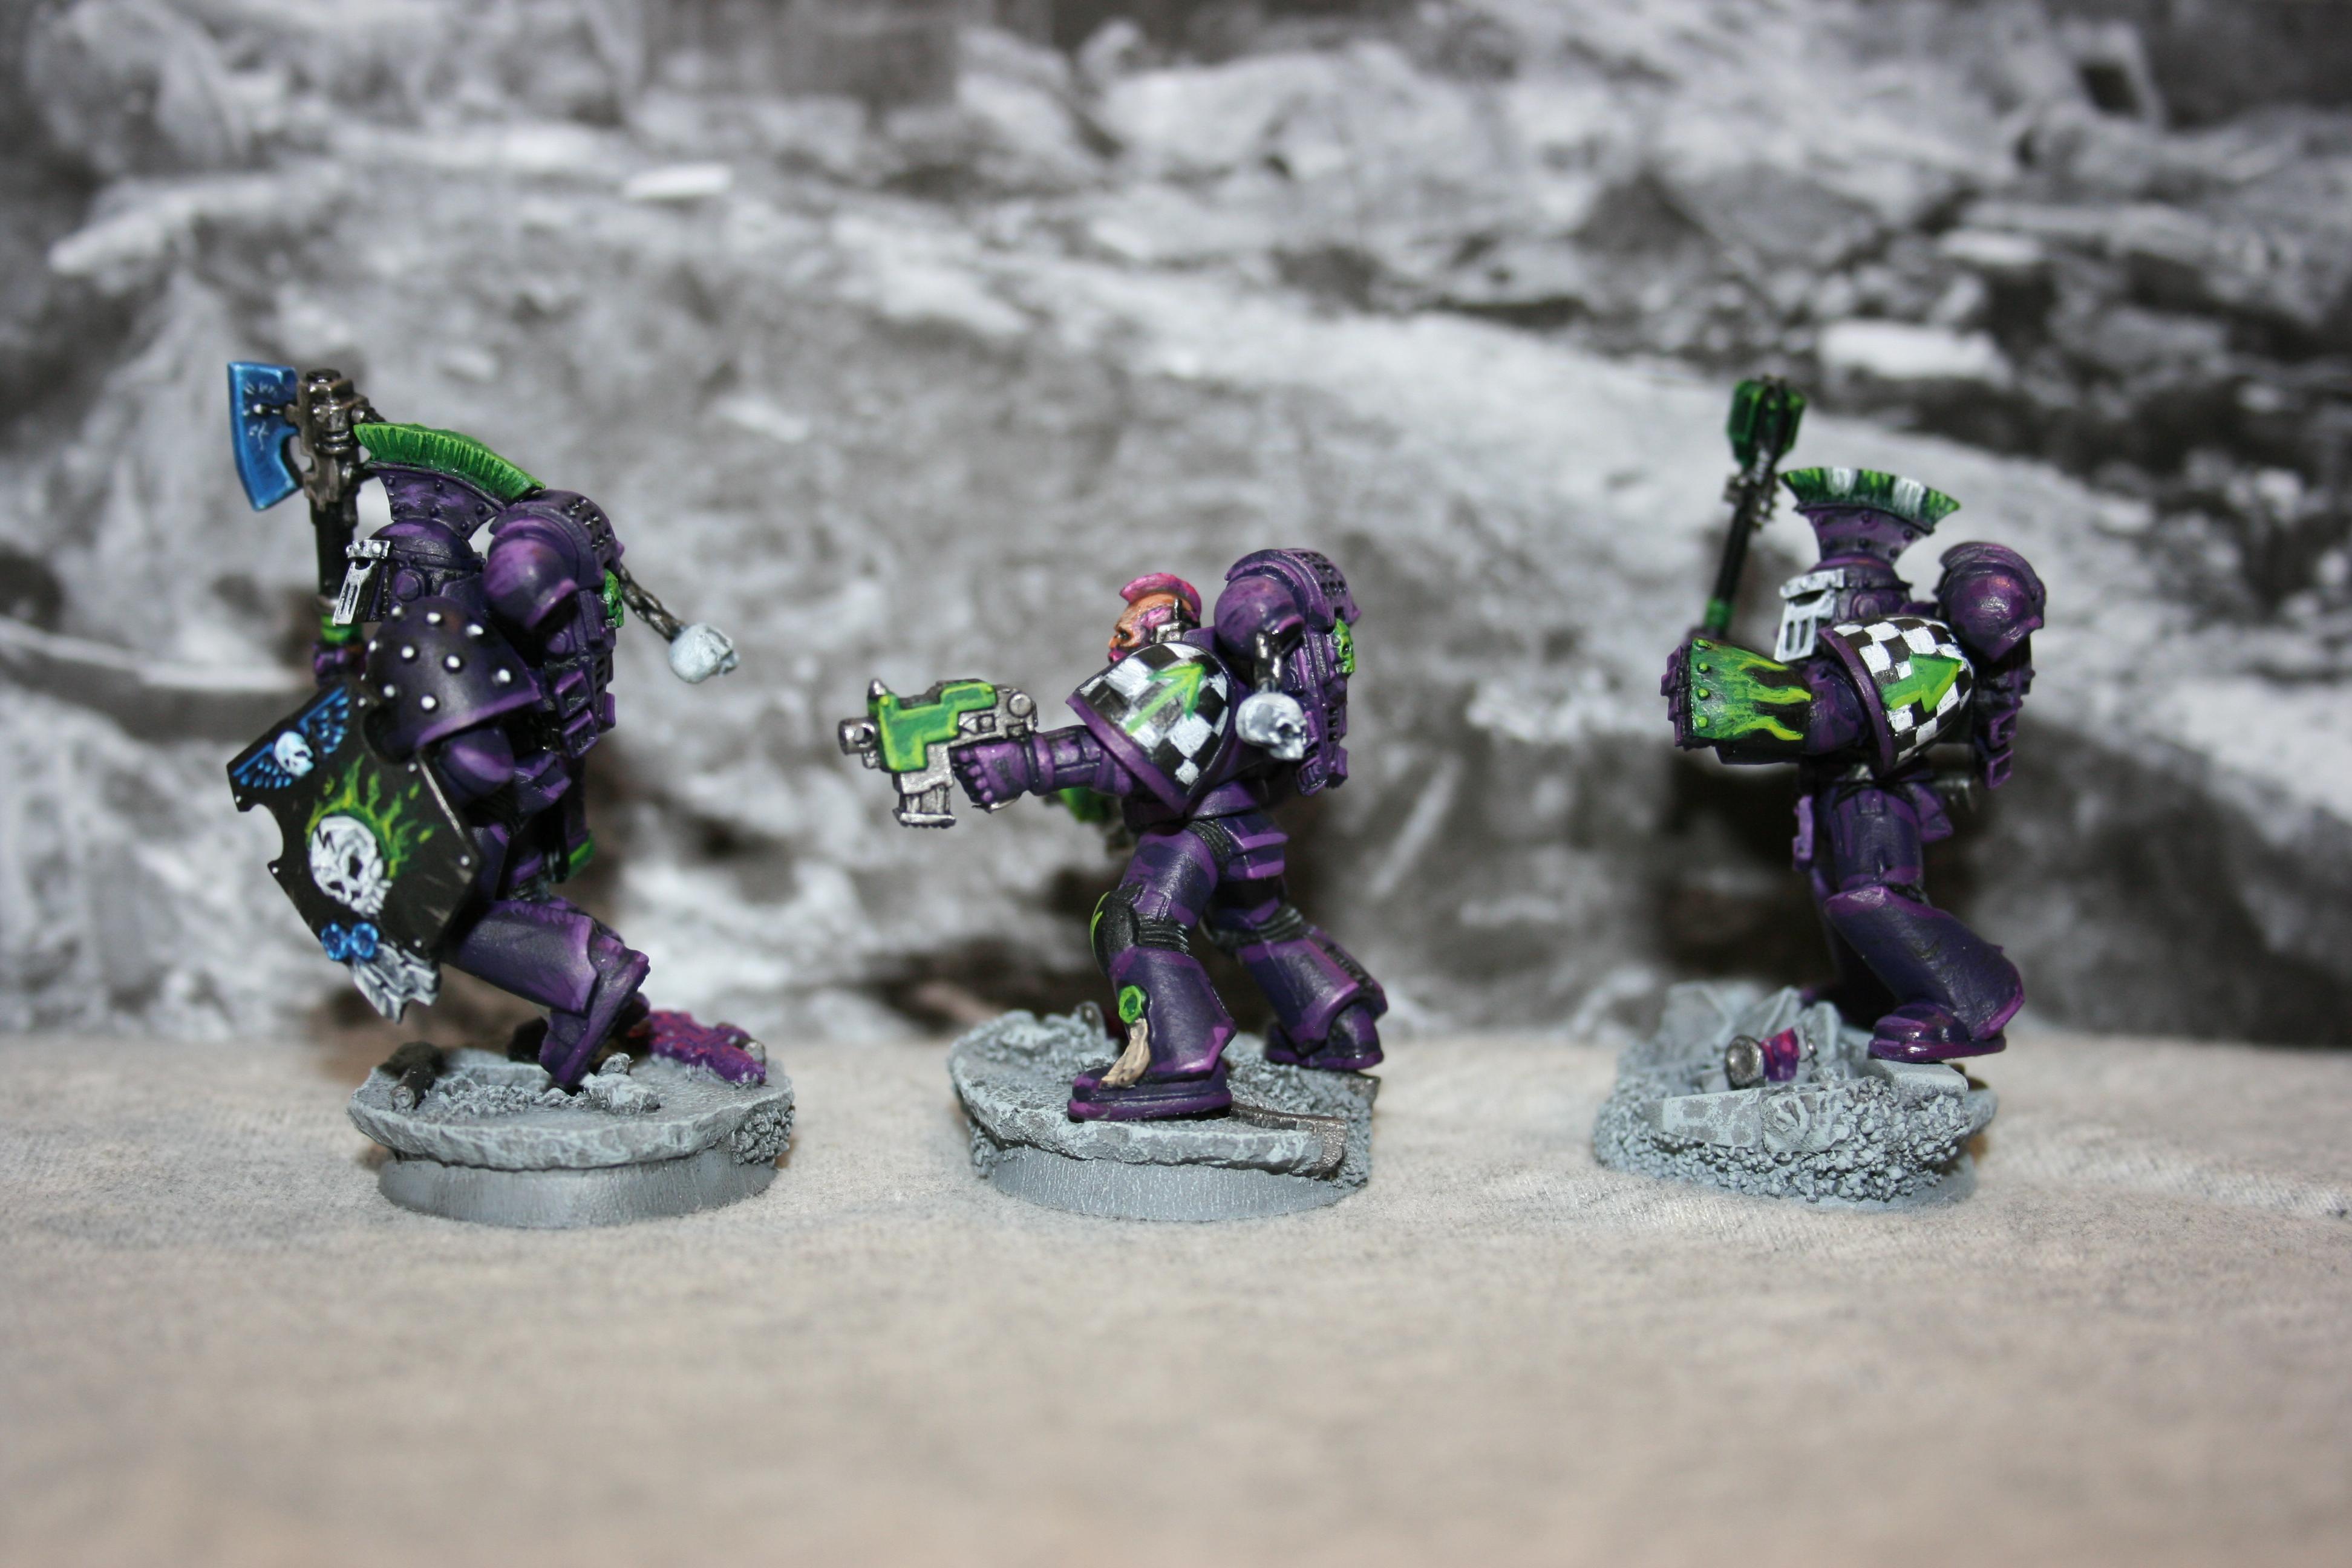 Skull Kicks, Assorted Skull Kick Profiles